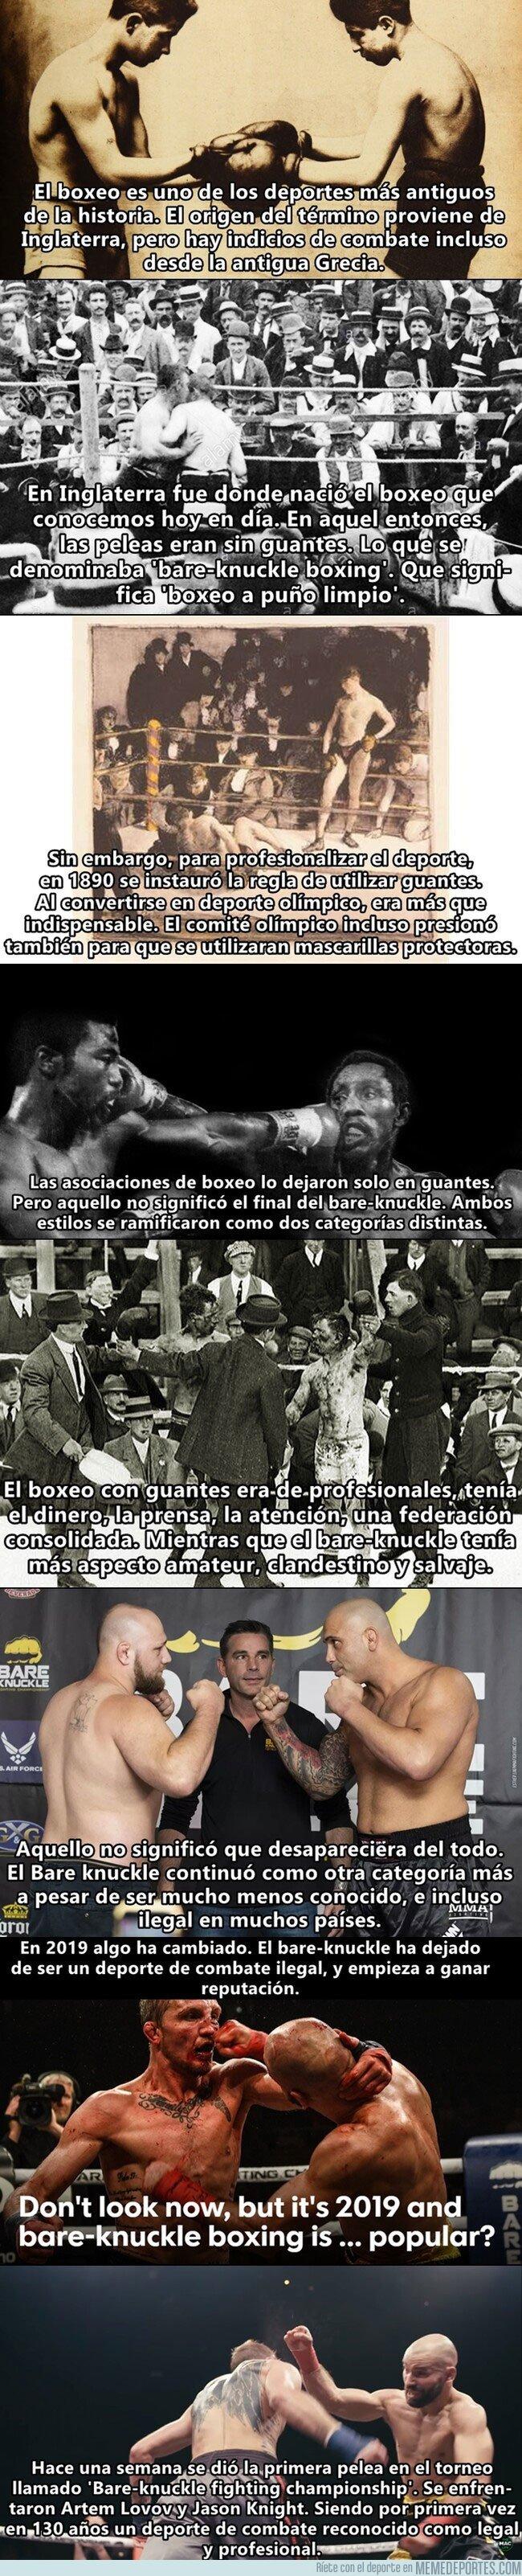 1071218 - Una vieja rama del boxeo podría convertirse en el nuevo boxeo.